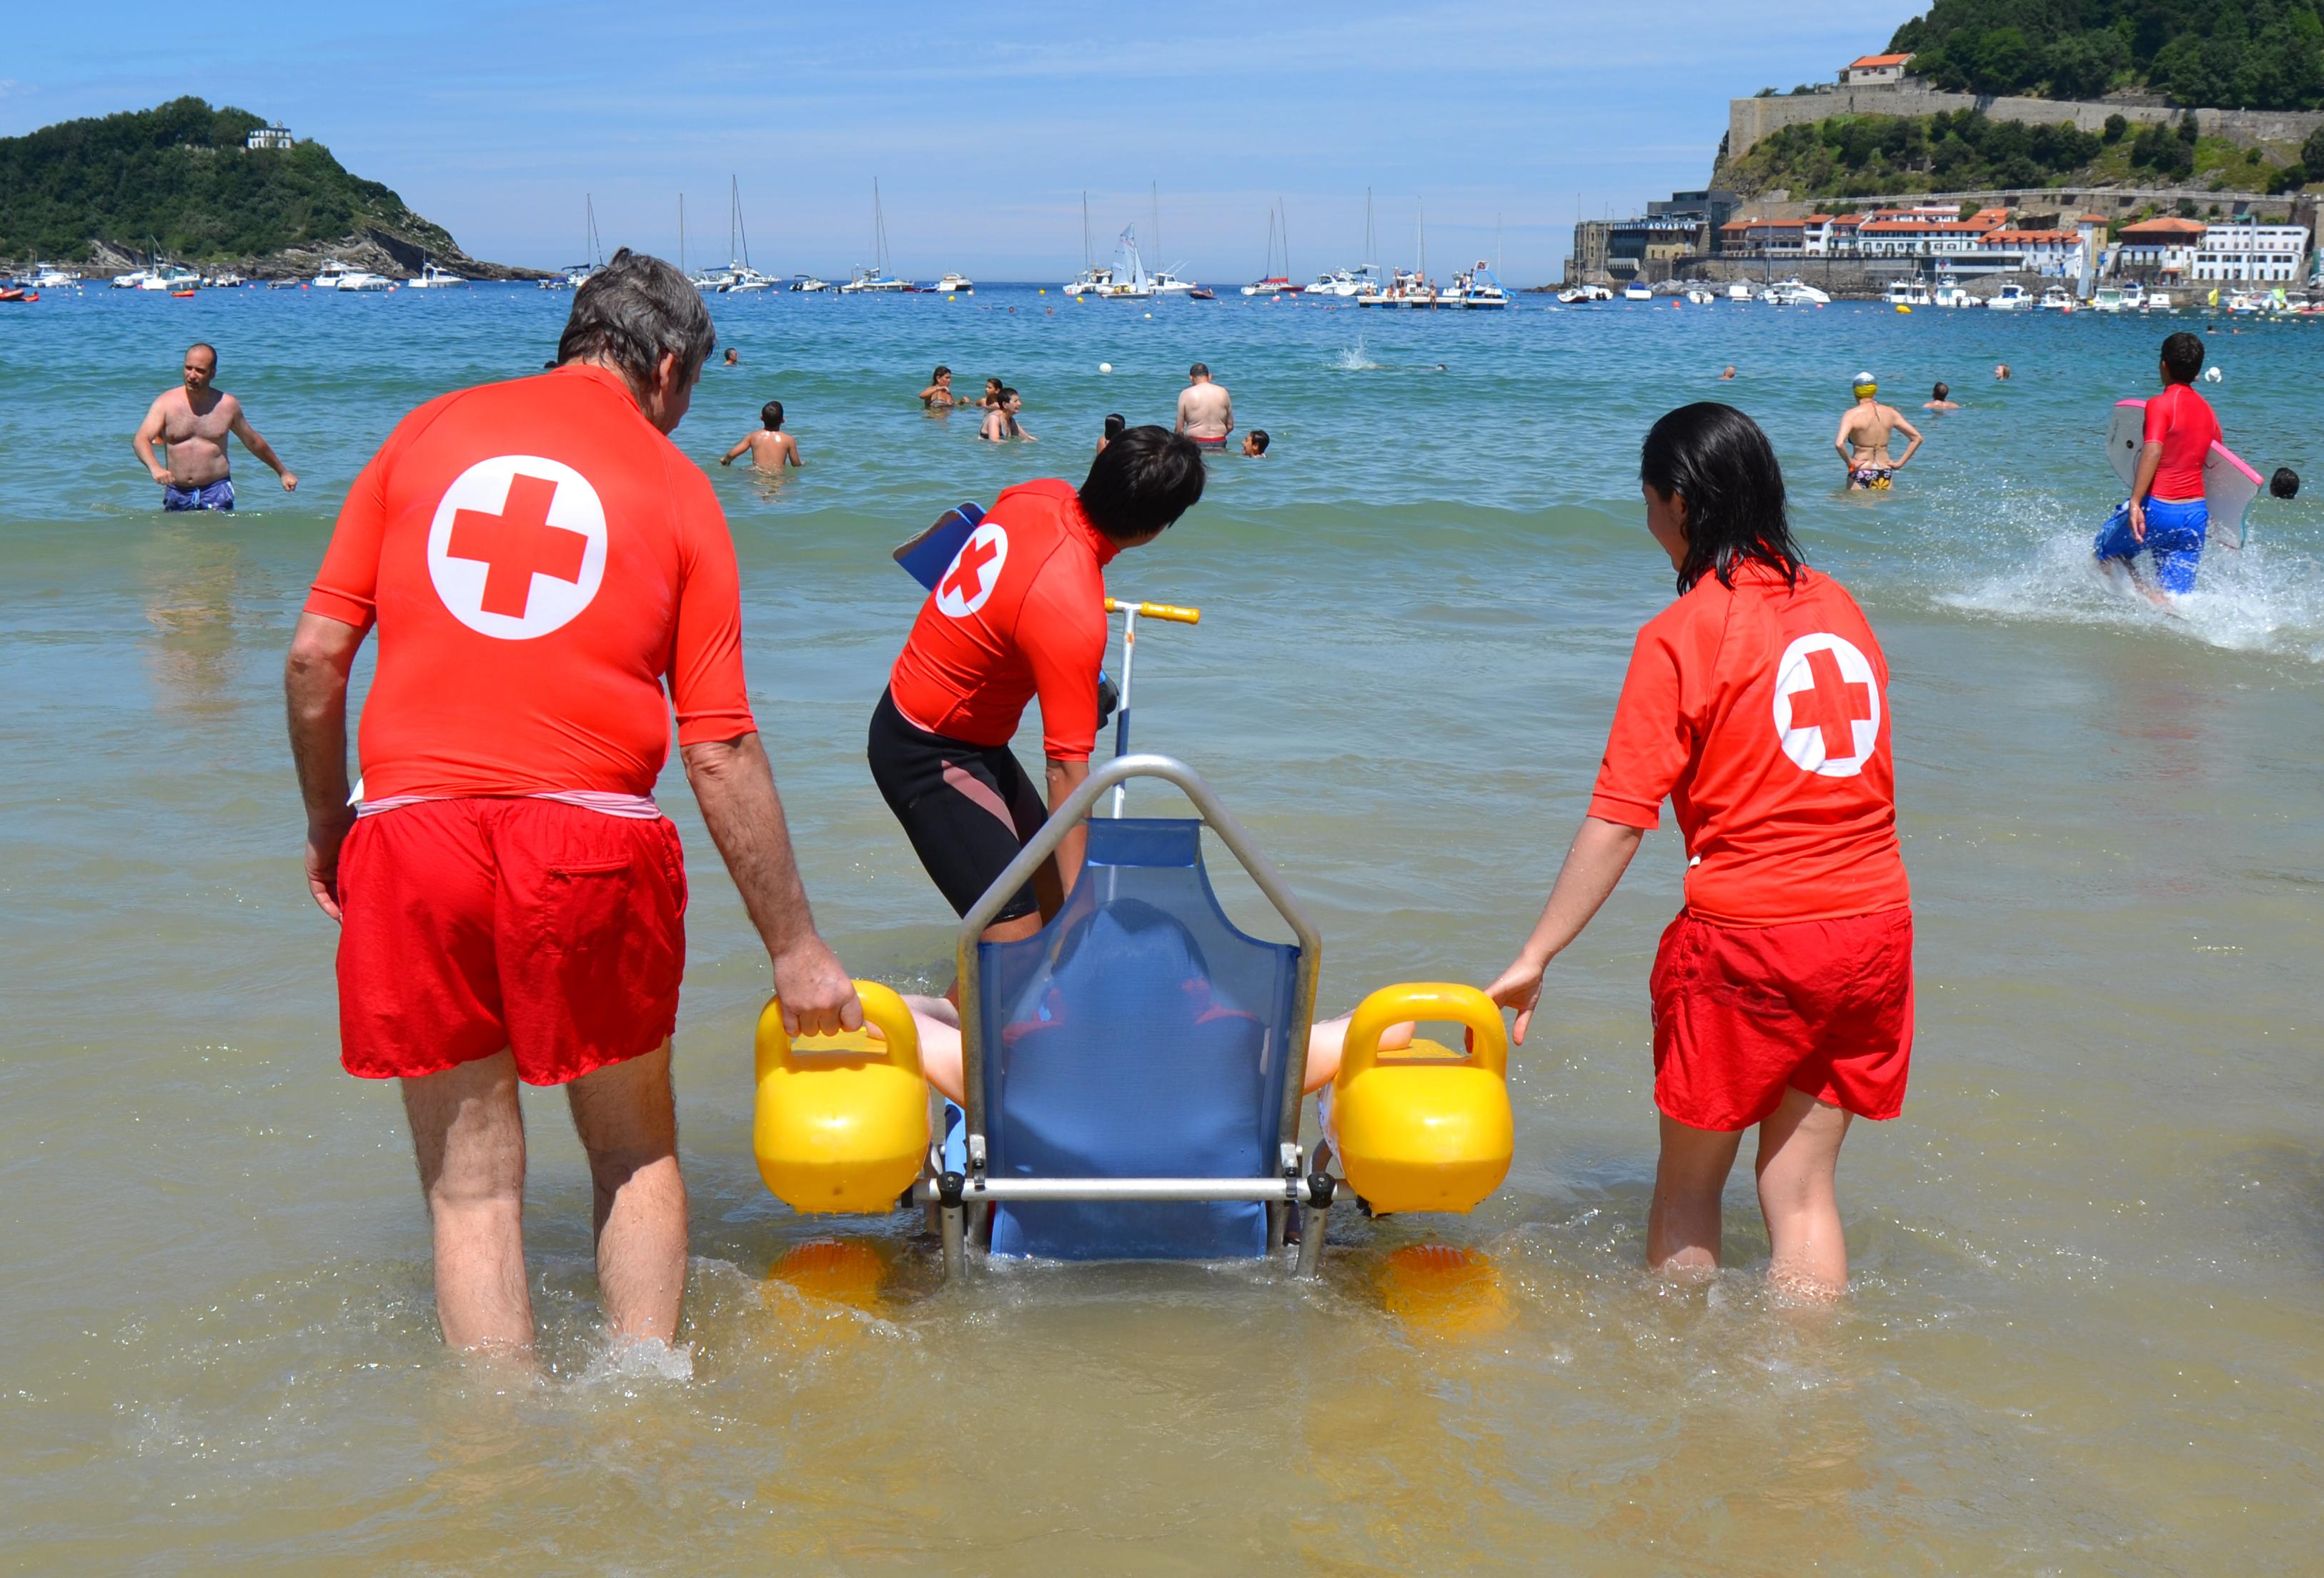 Pepita vuelve a bañarse en el mar con la ayuda de Cruz Roja #CadaVeranoCercadeTi